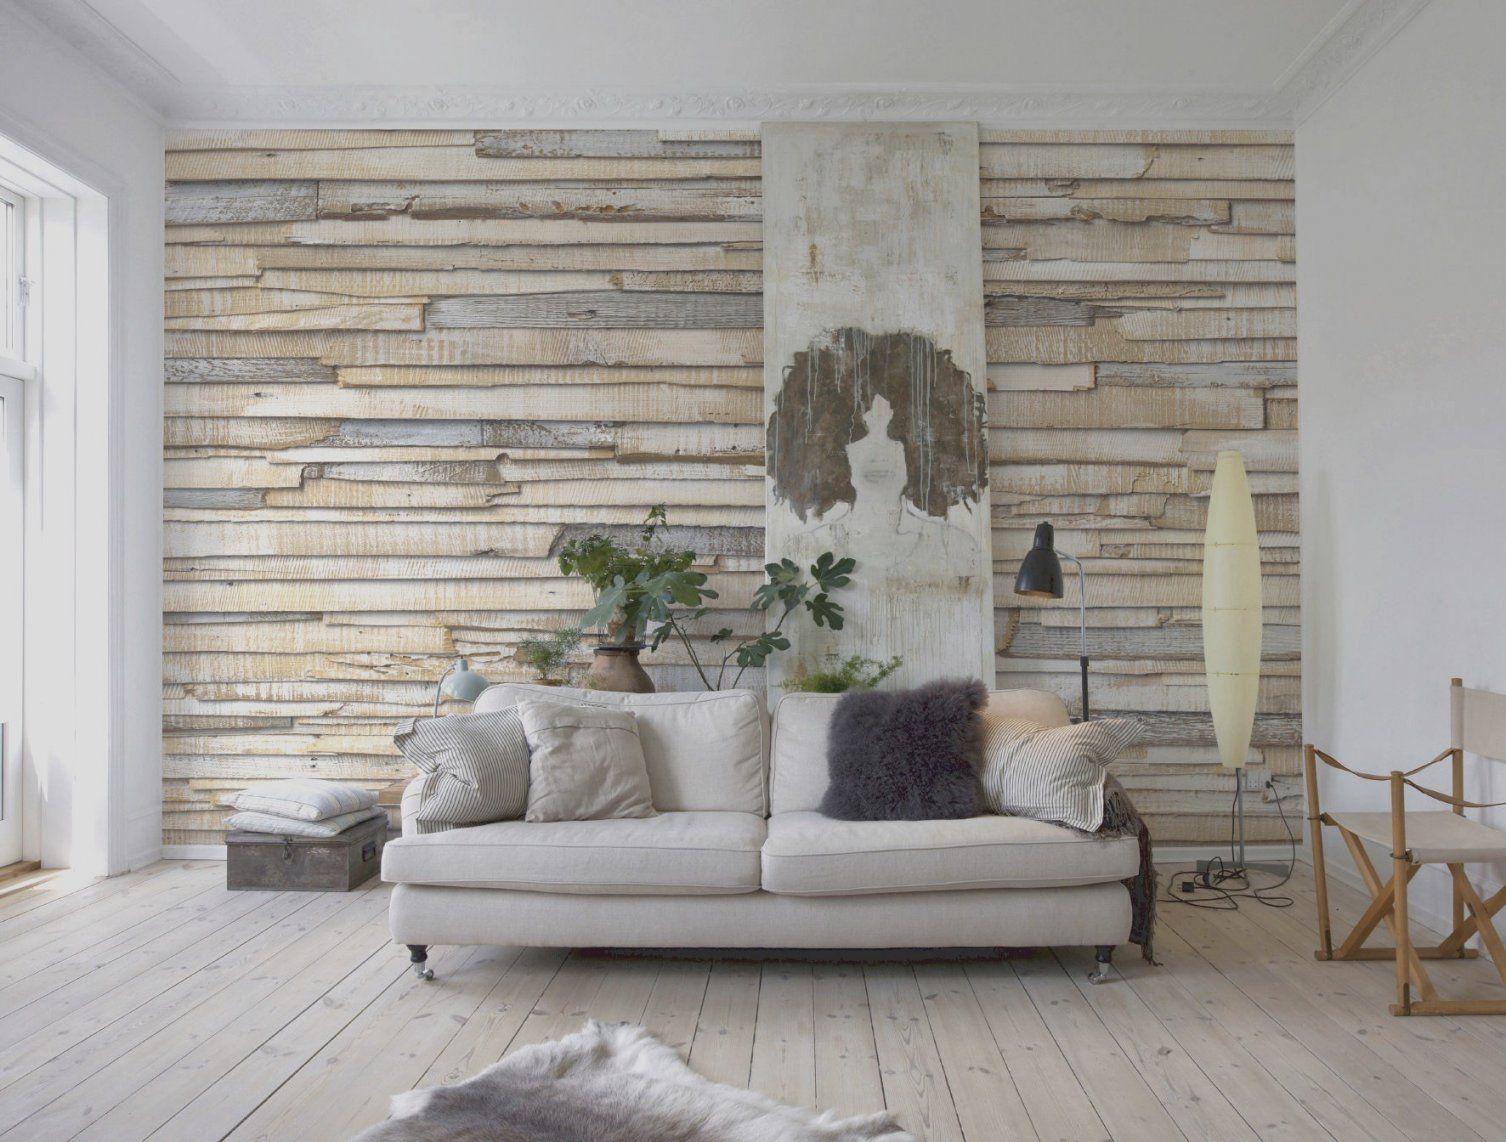 33 Wohnzimmer Tapeten Ideen Modern  Haus Ideen von Wohnzimmer Tapeten Ideen Modern Bild